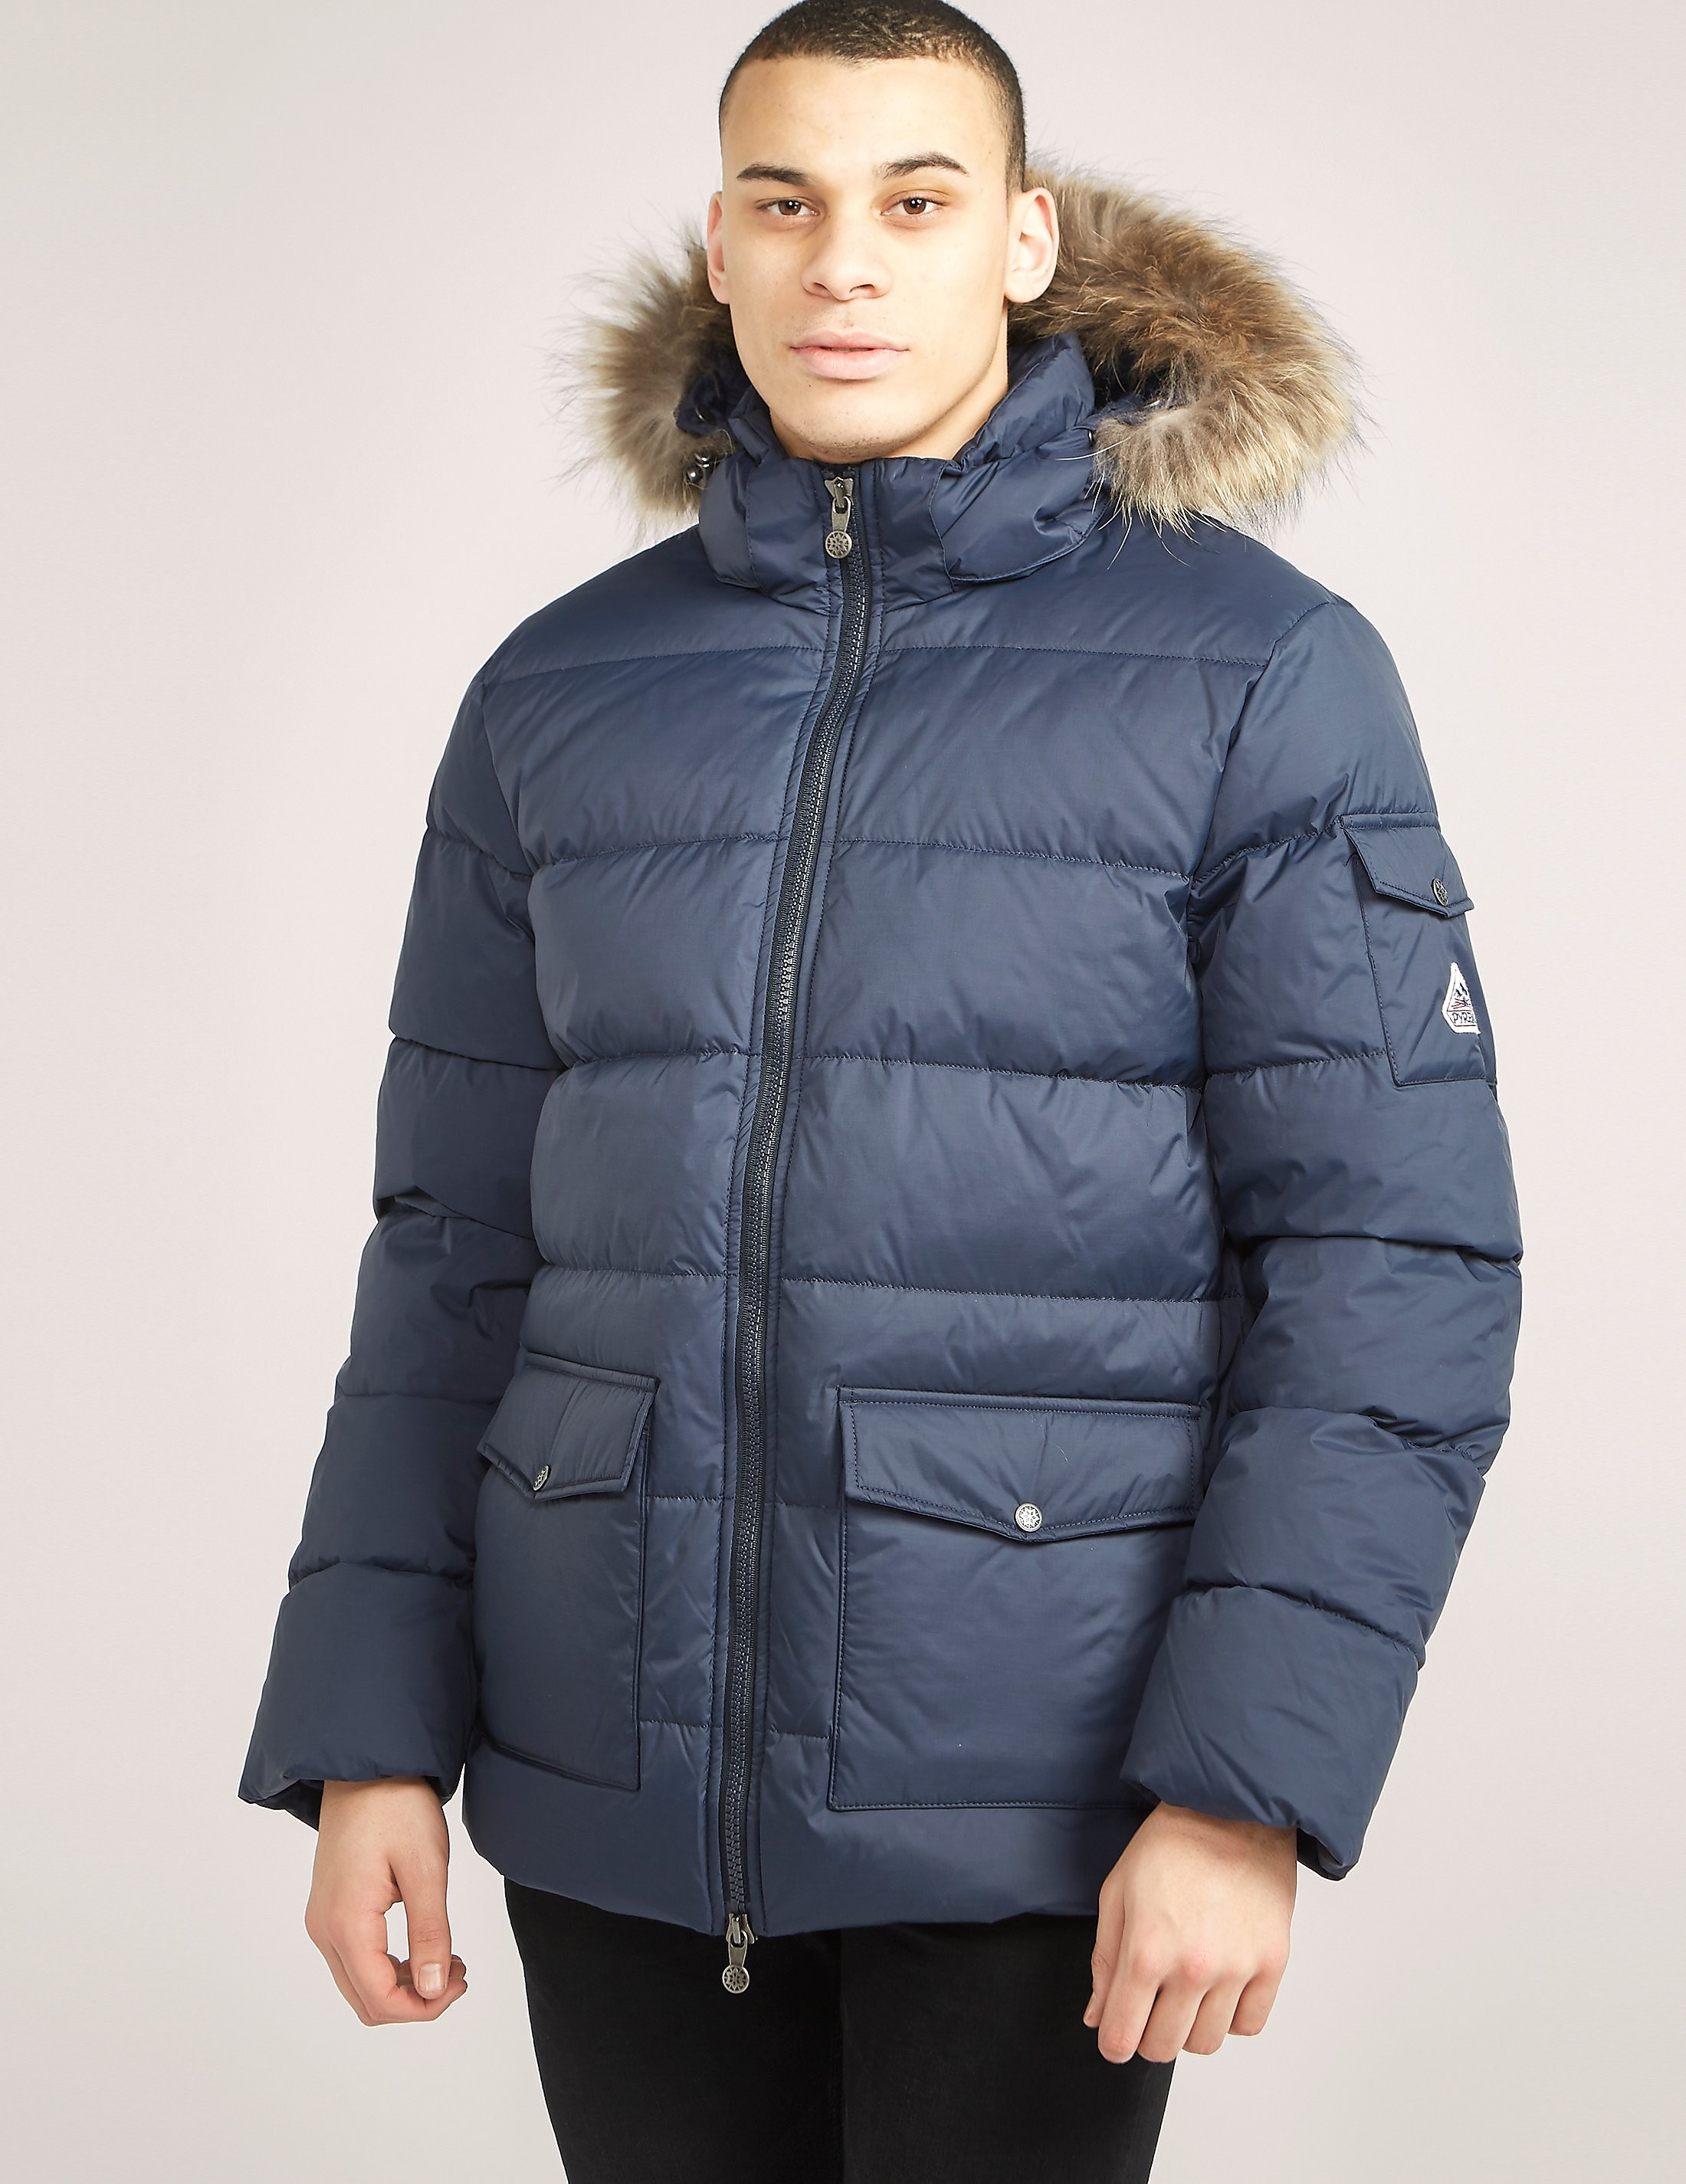 Pyrenex Iconic Parka Jacket